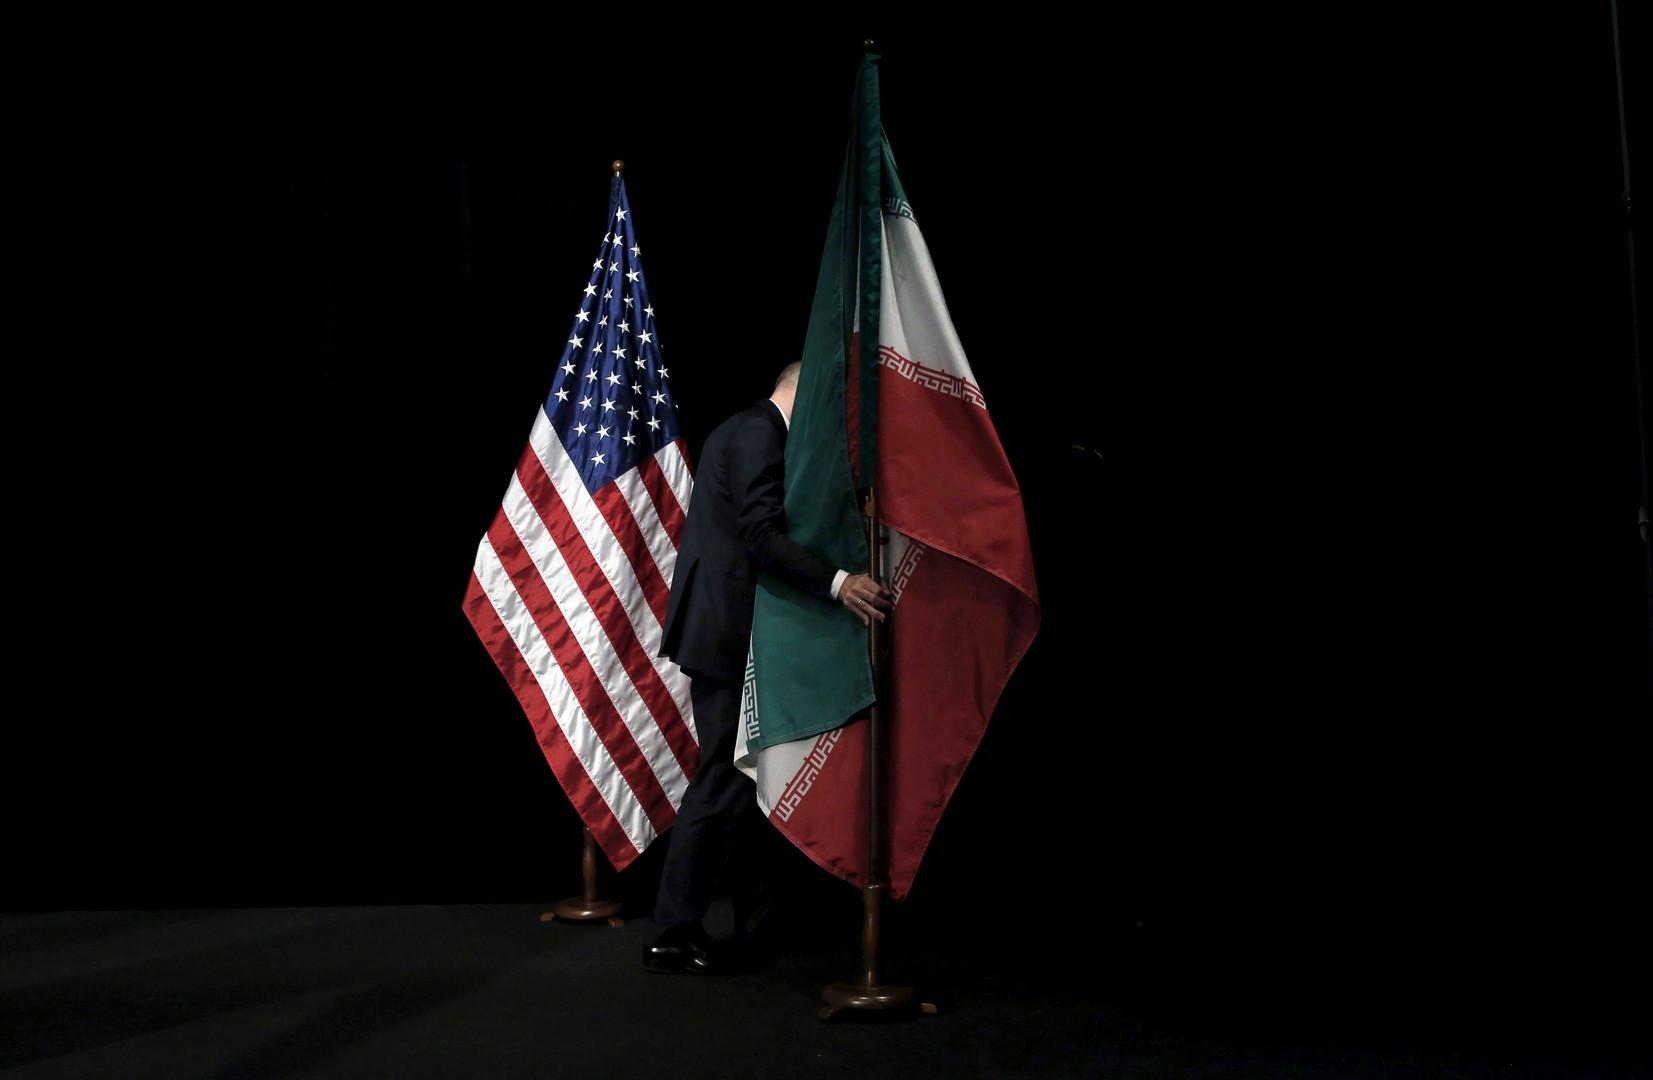 استطلاع: كيف ينظر الأمريكيون إلى الحرب مع إيران؟